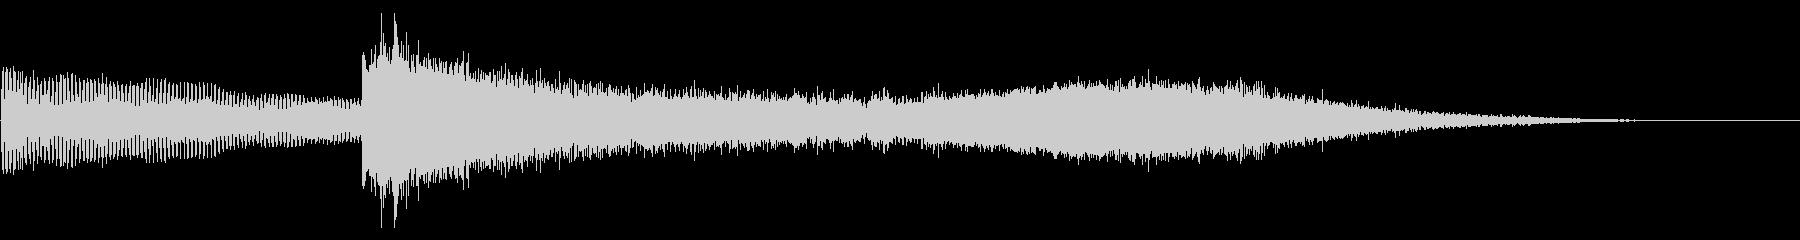 レーザートレイルで華麗な低音ノートの未再生の波形